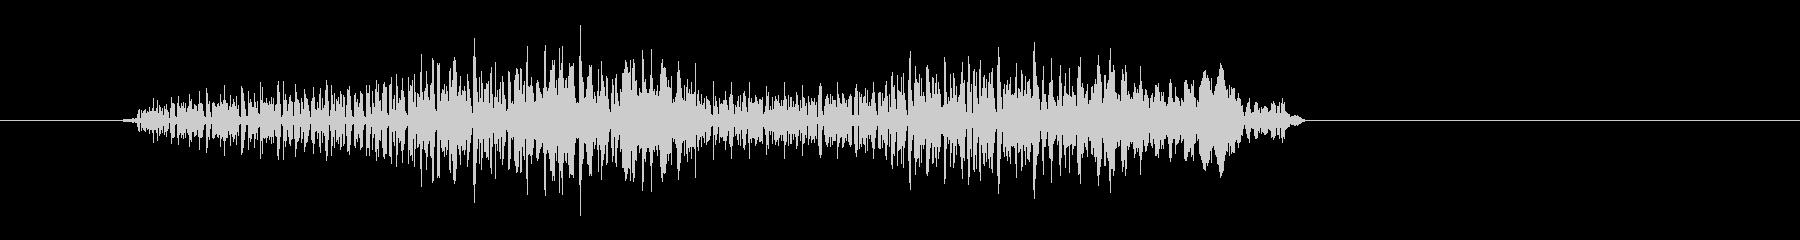 アイテム破壊時などのダイアログ表示の音の未再生の波形